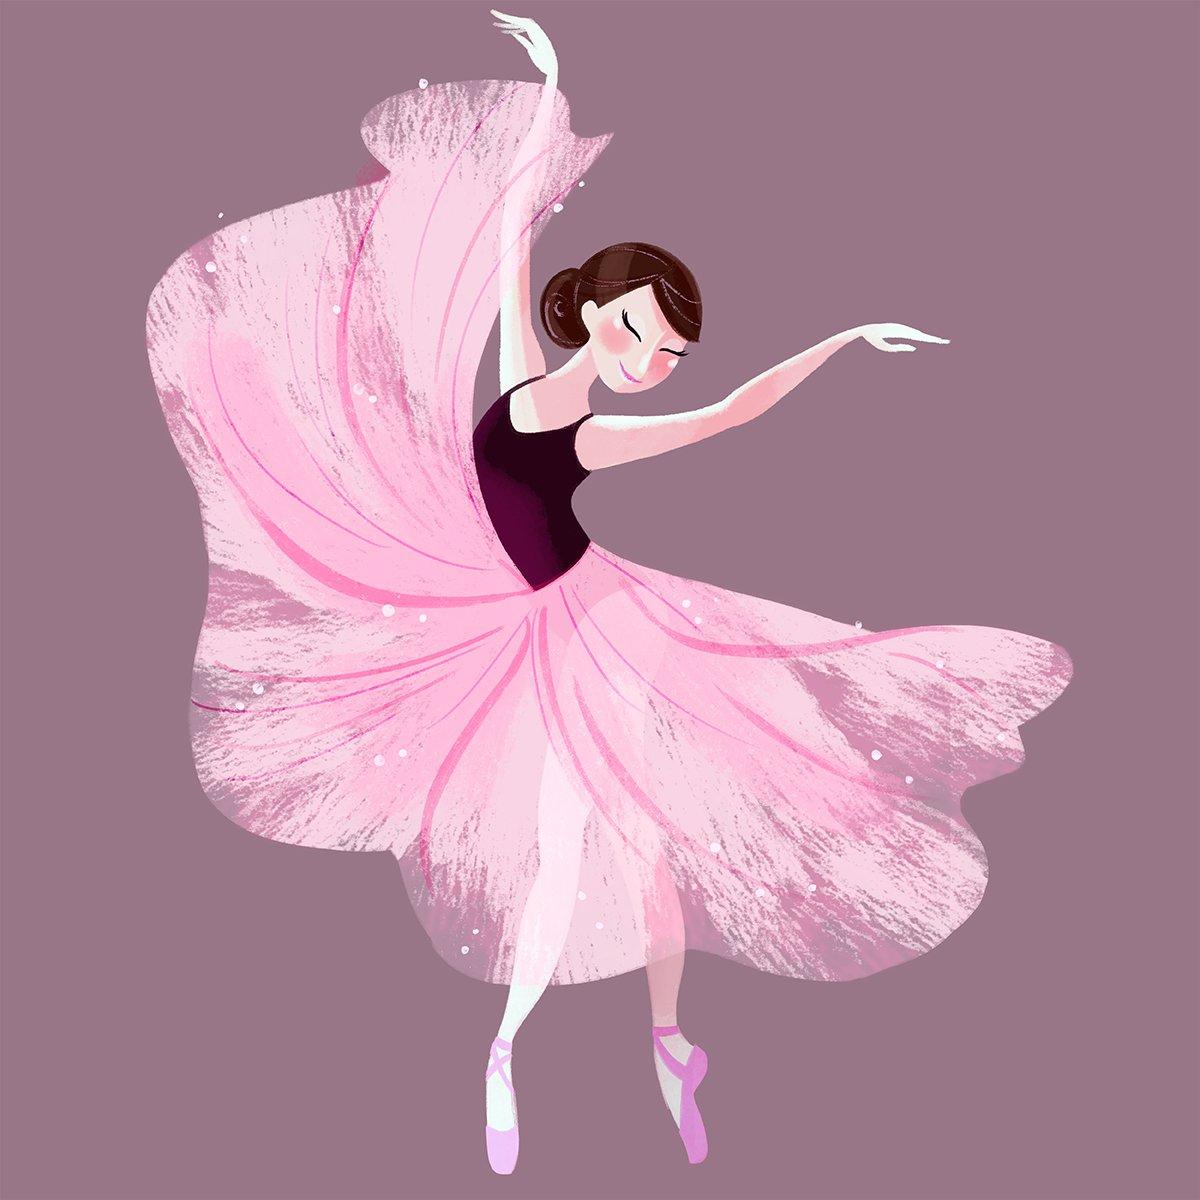 картинки рисунки балерин танцовщиц бывают прямыми